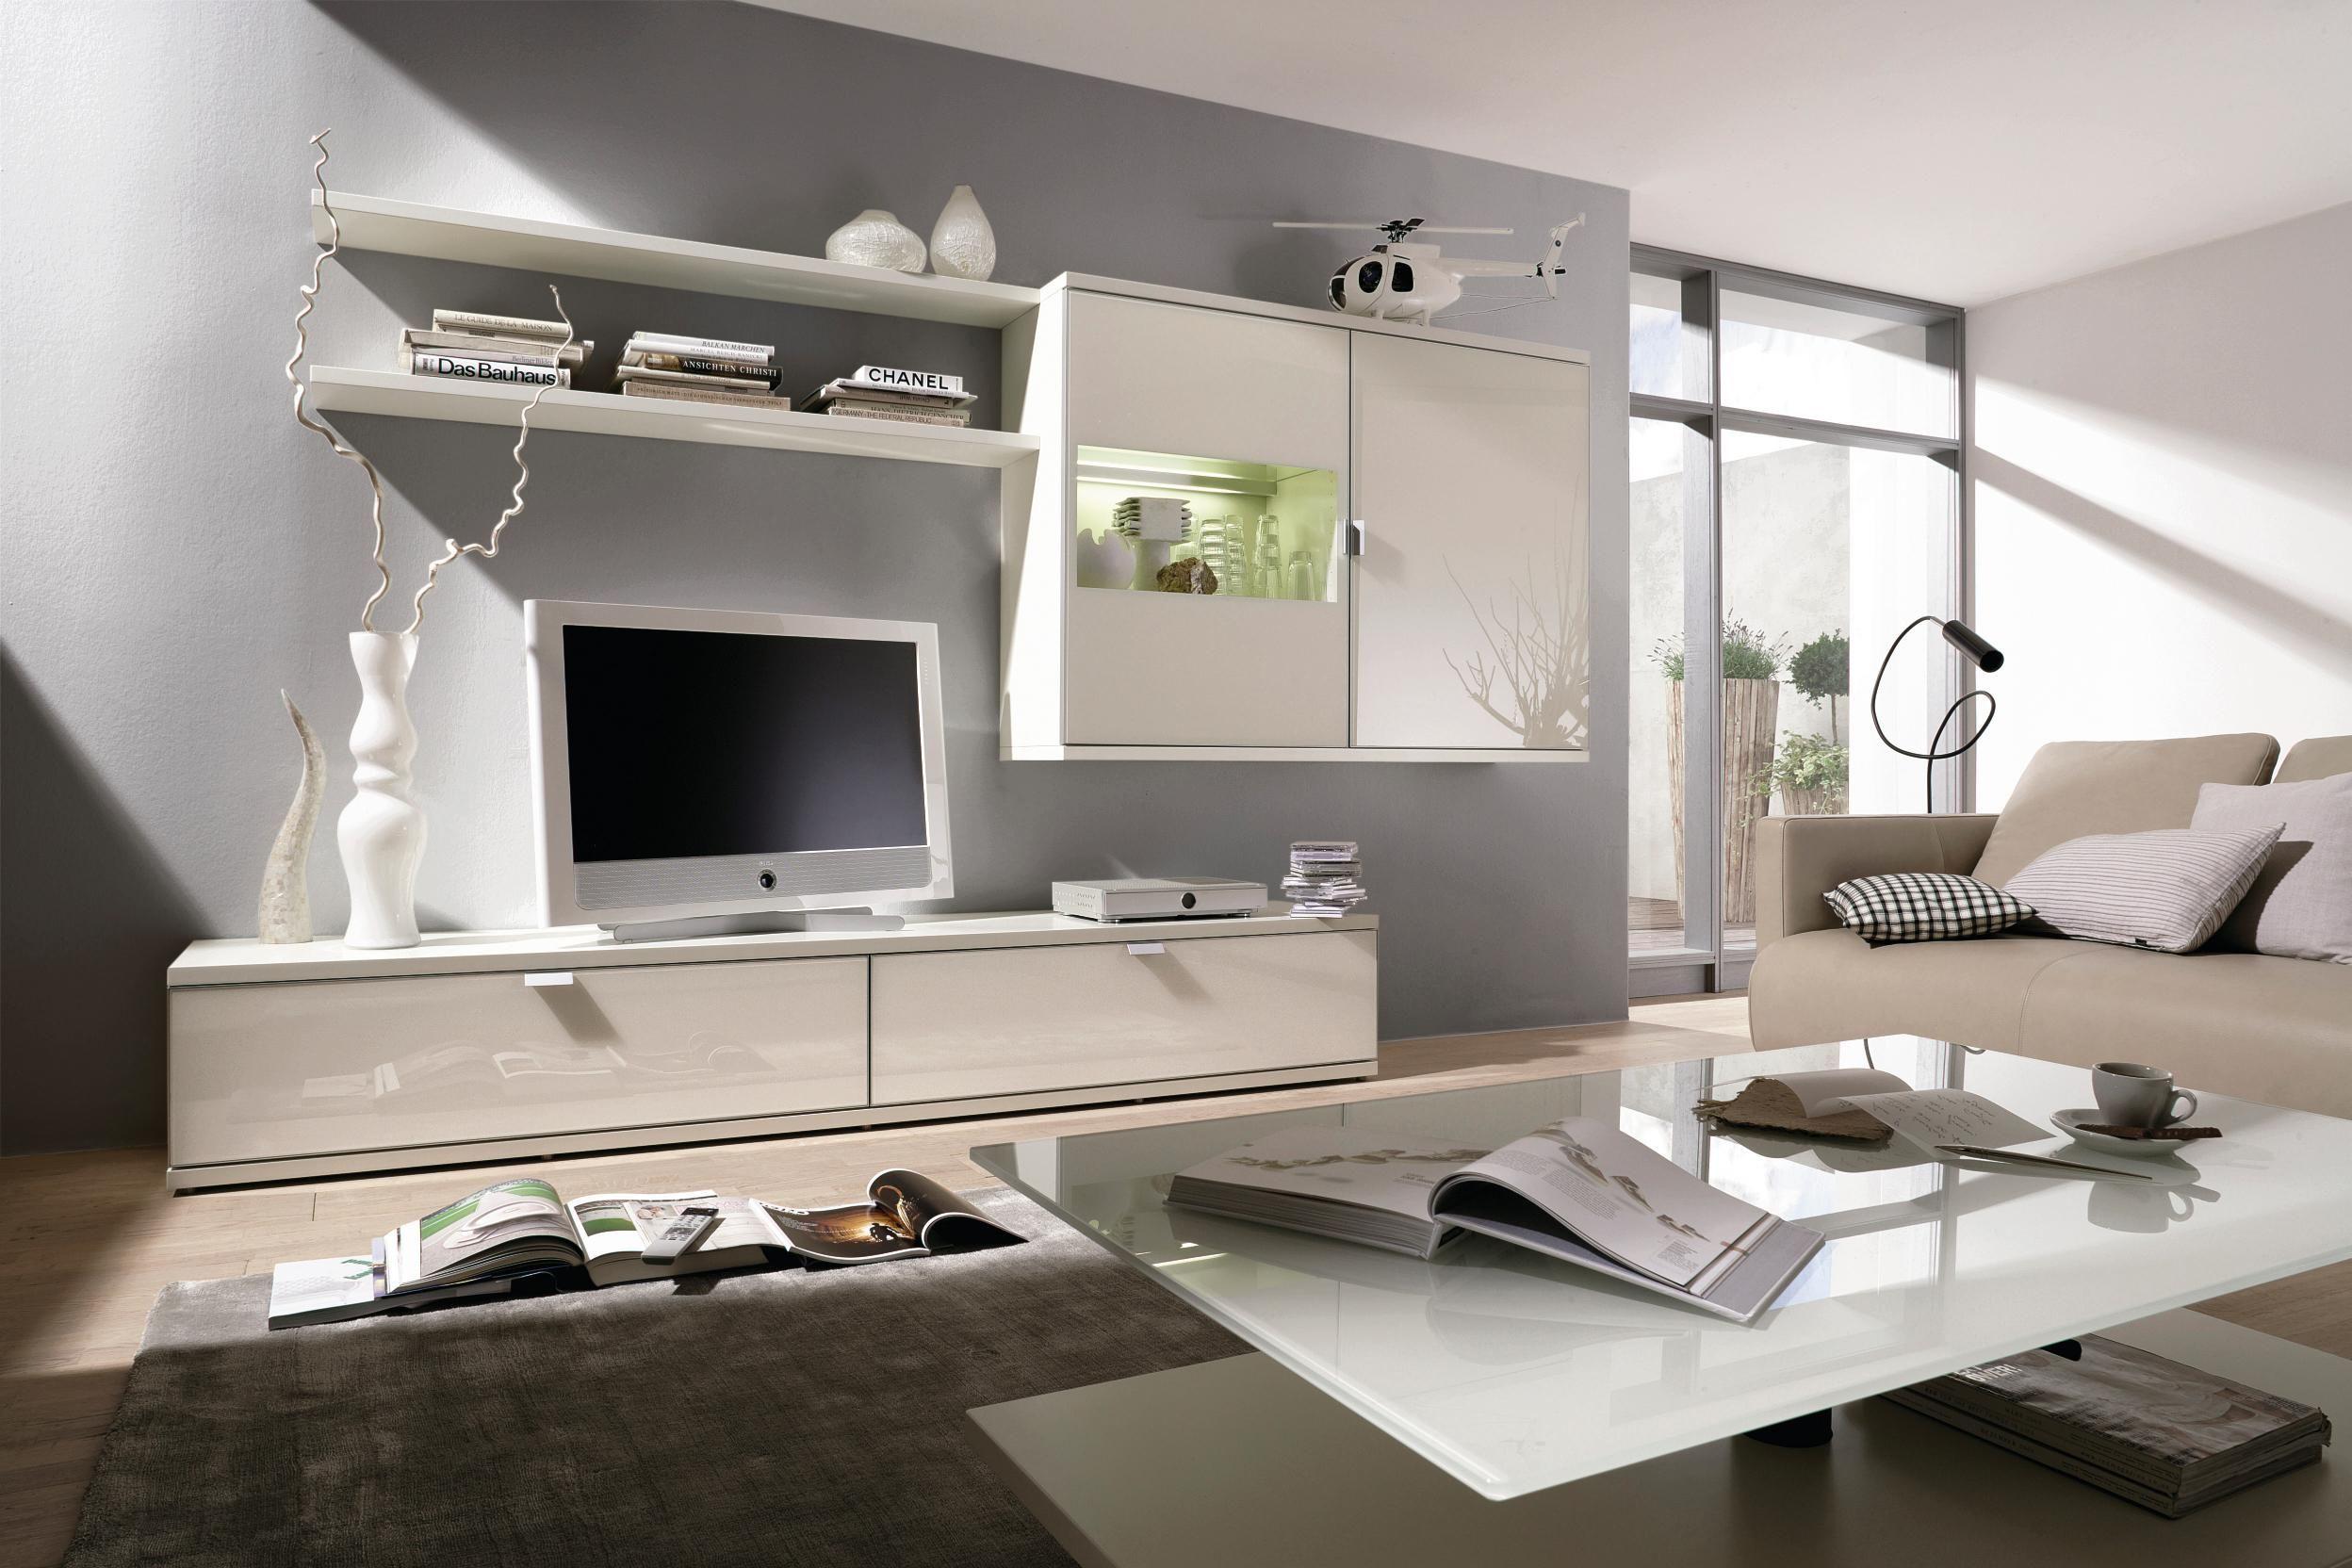 Fesselnd Moderne Wohnwand In HÜLSTA Markenqualität   Individuell Planbar